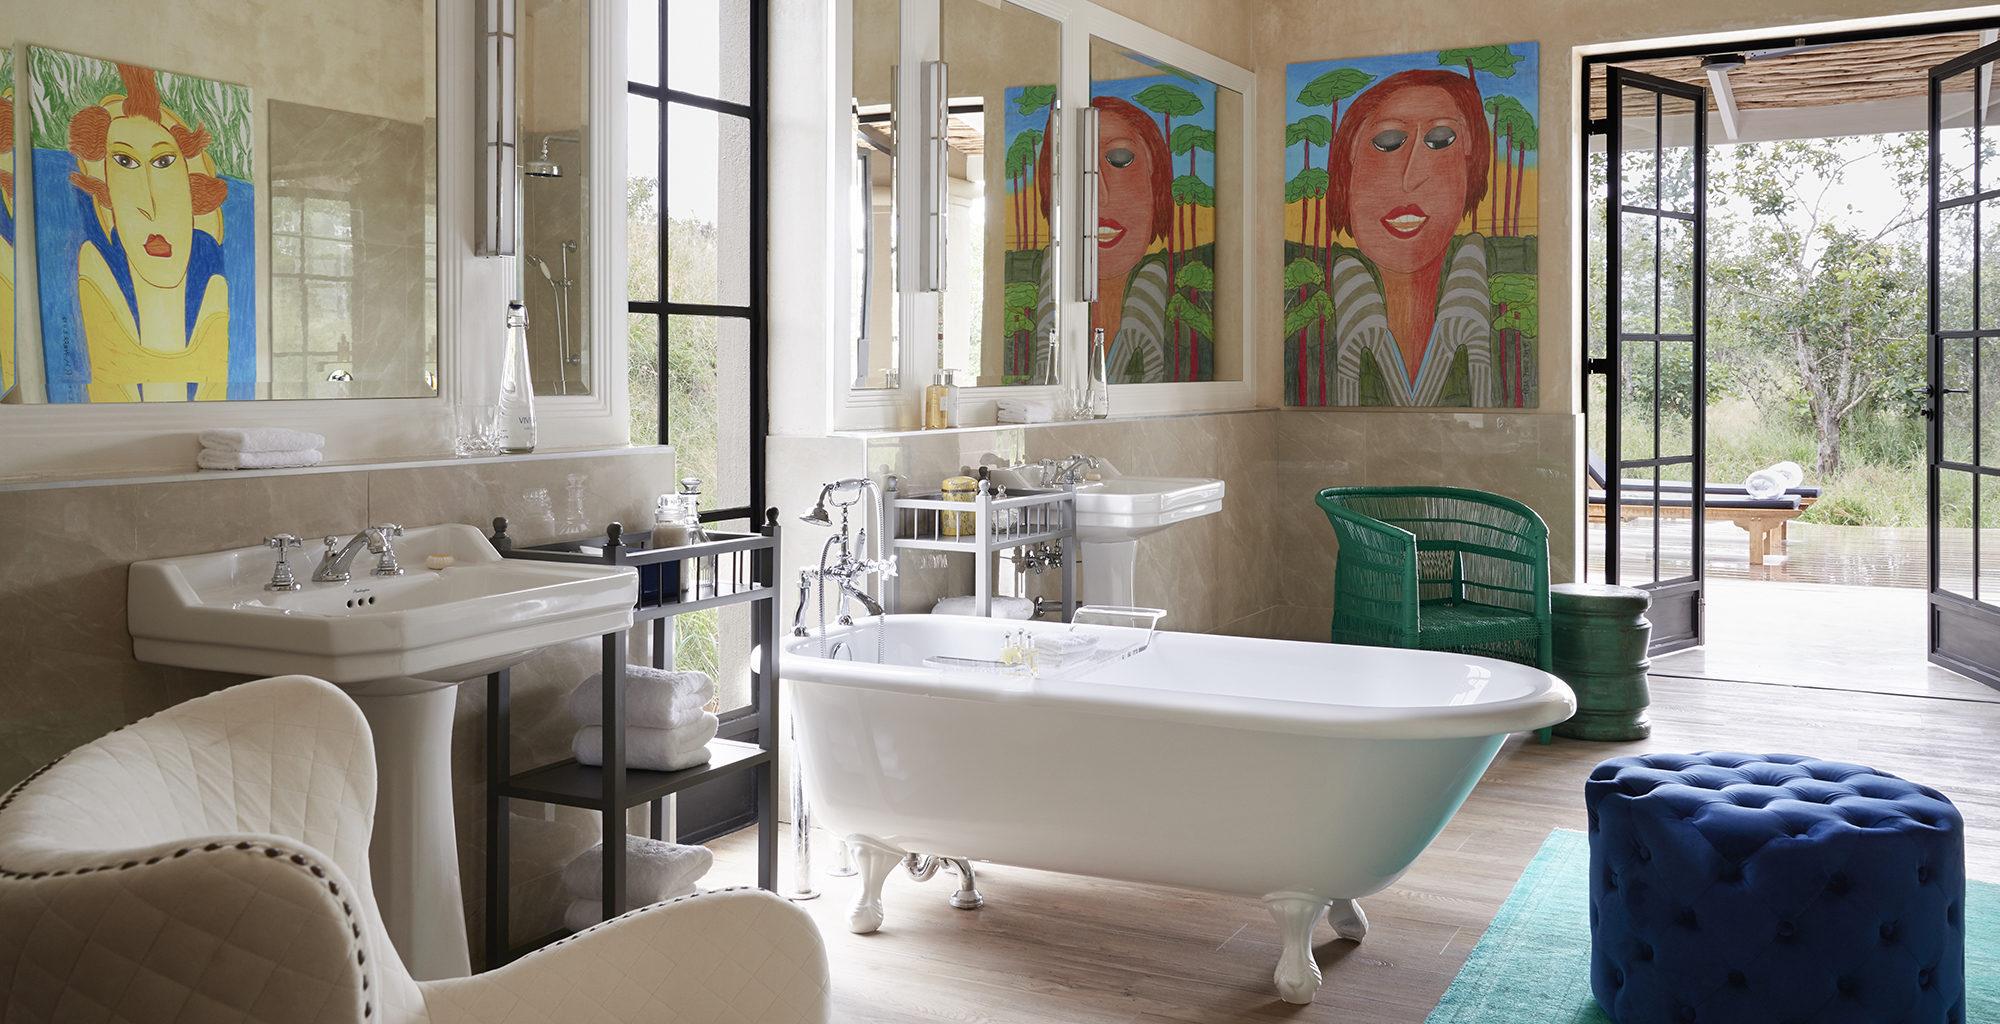 South-Africa-Farmstead-Bathroom